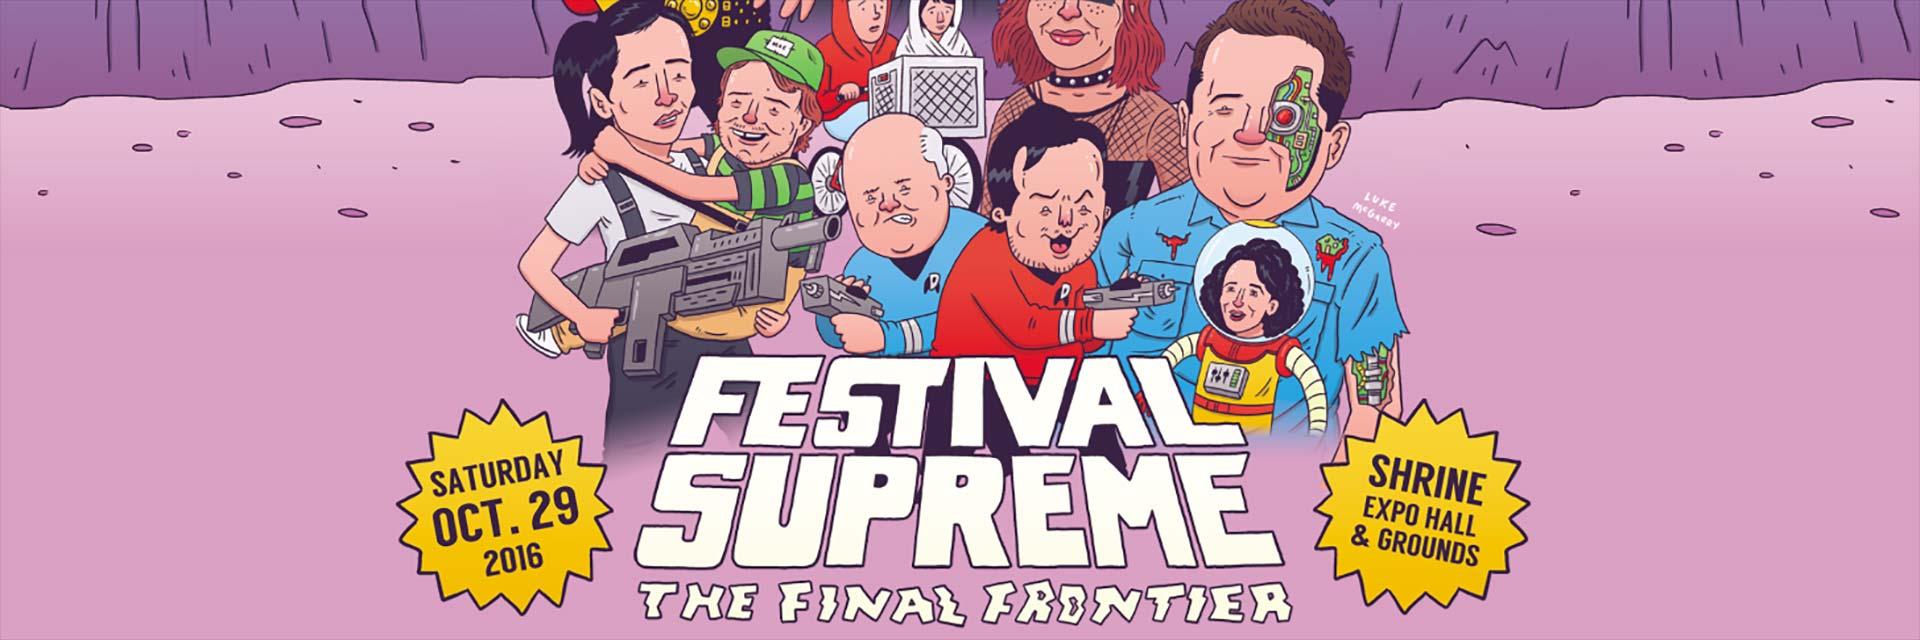 Festival-Supreme-2016-slim-feat-hero